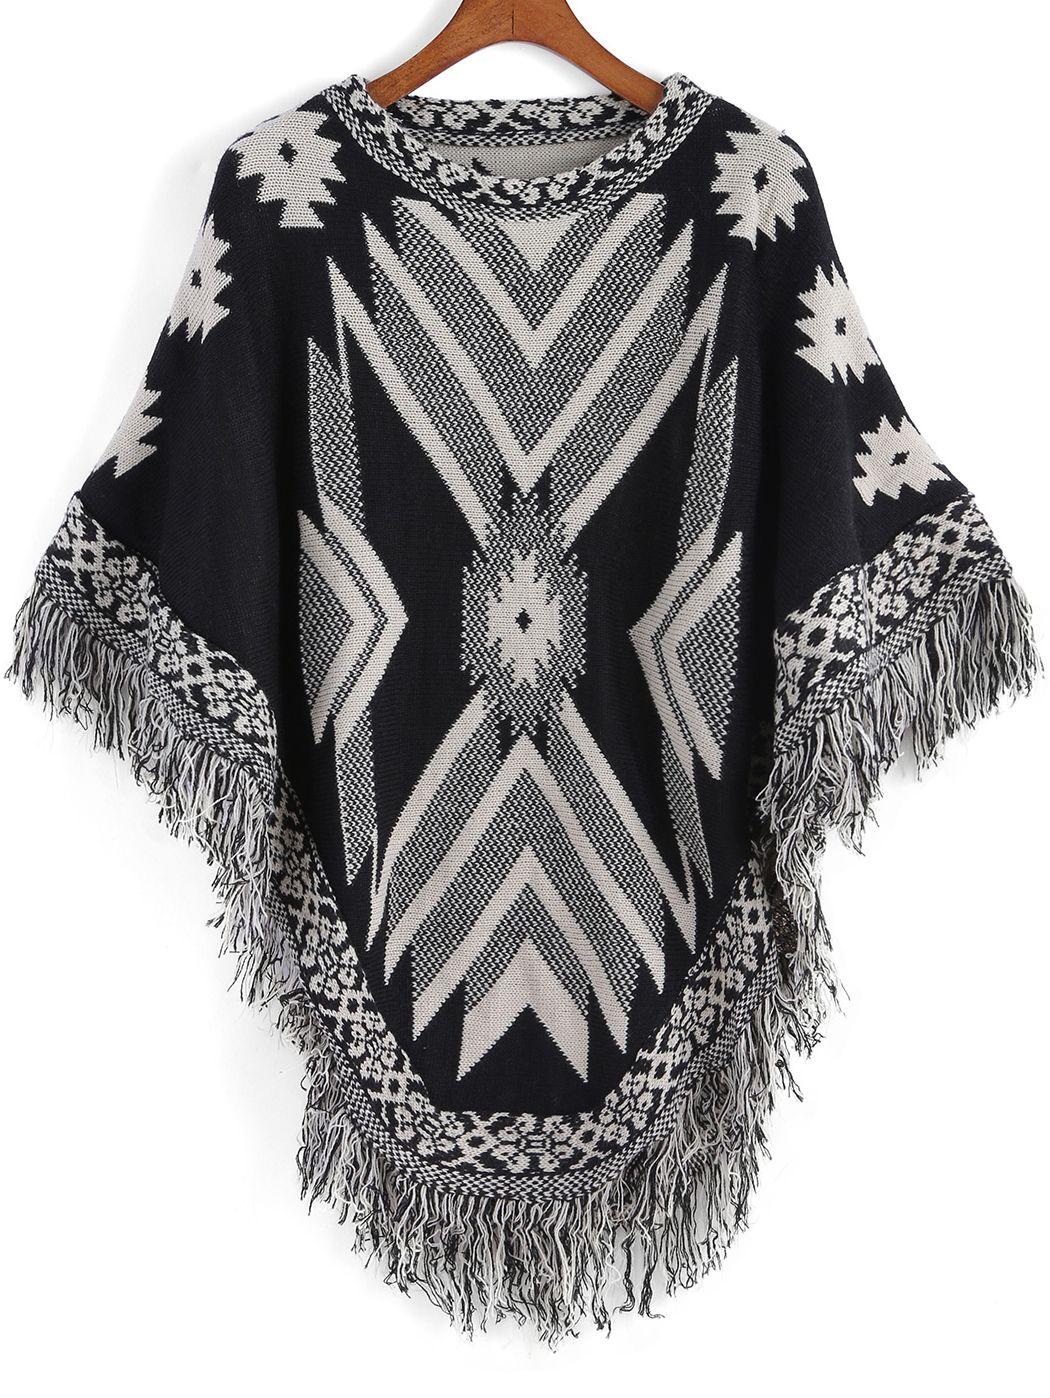 Black White Tribal Print Tassel Cape , 40% Off 1st Order